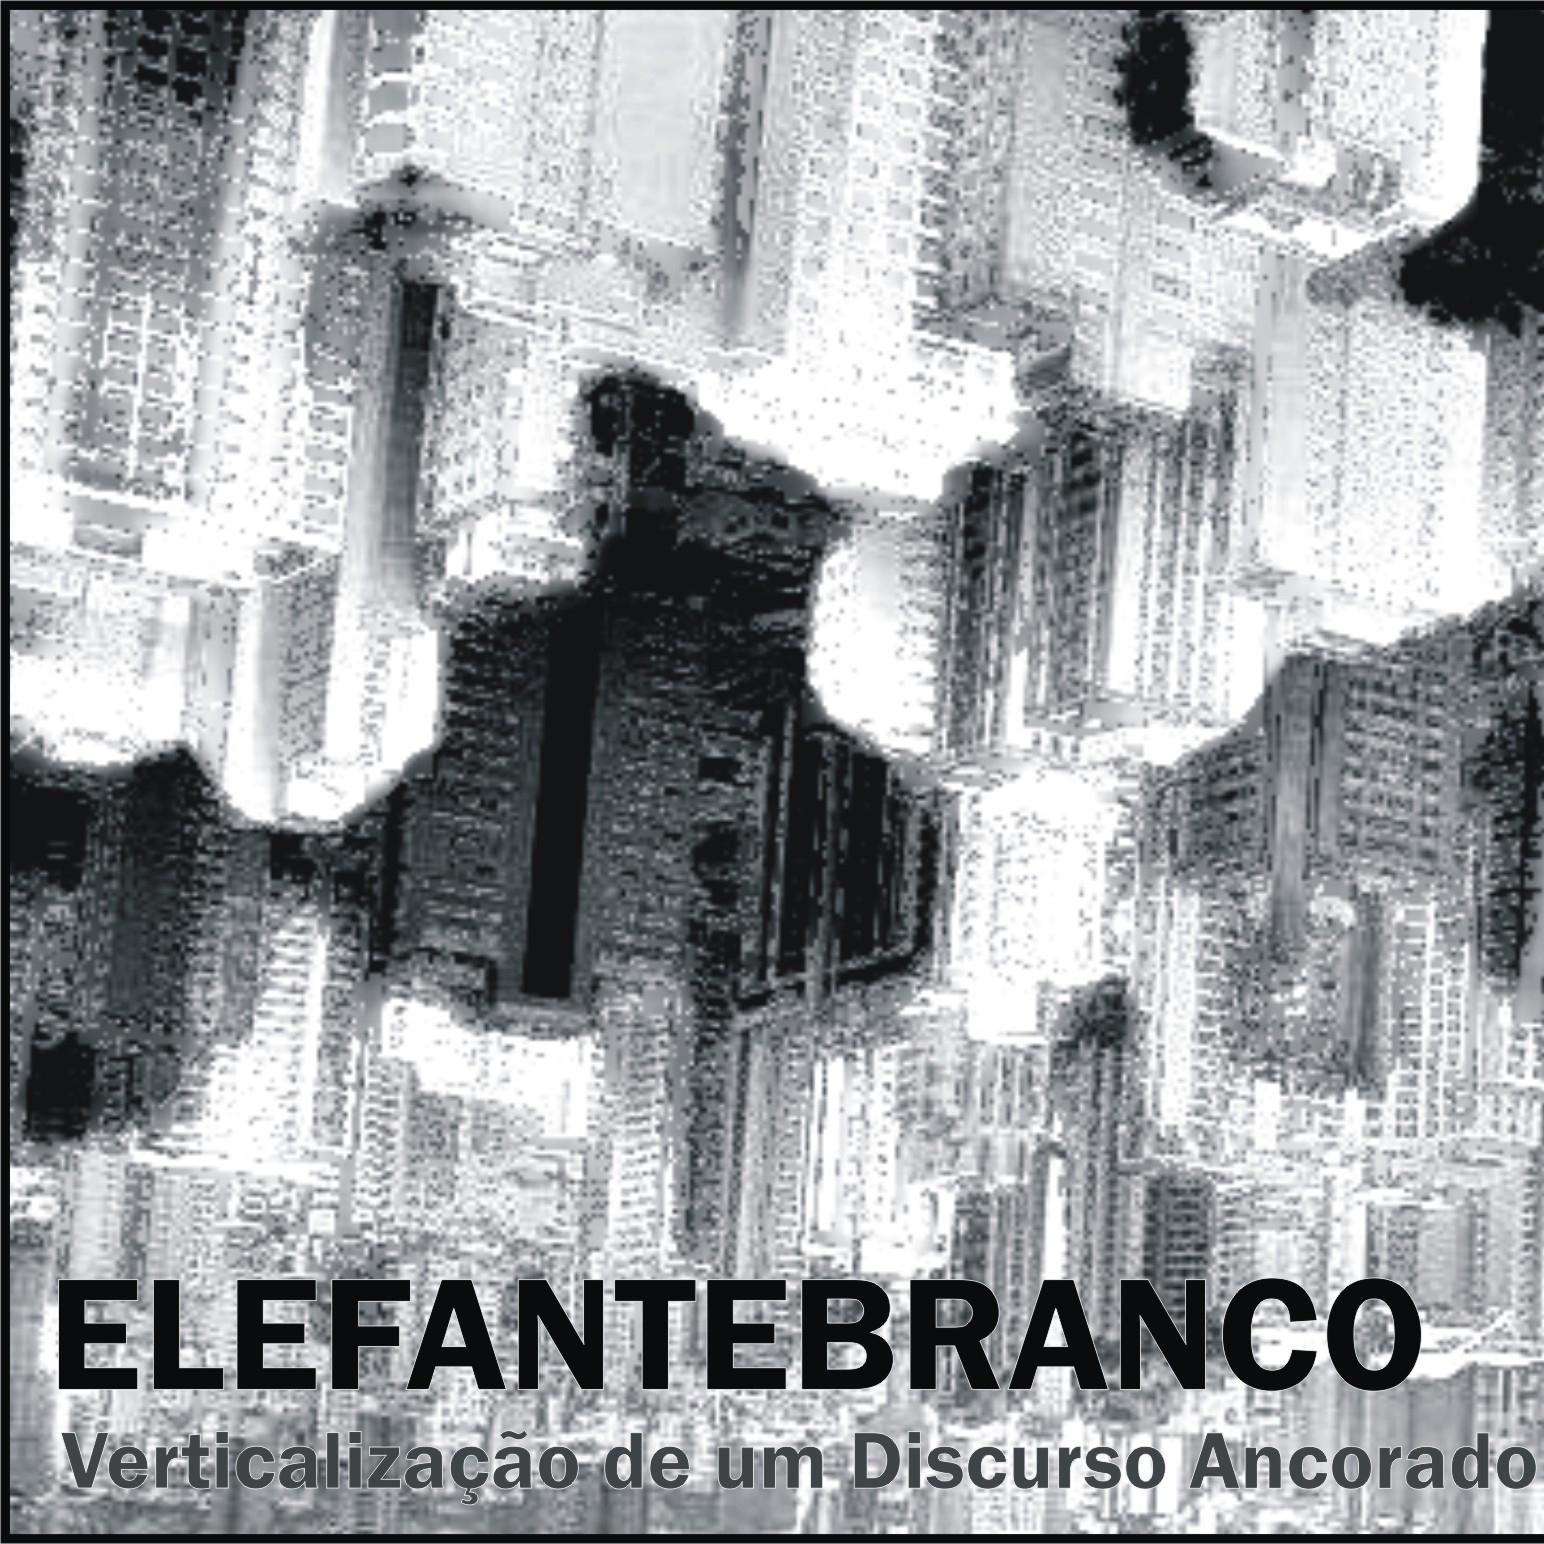 MSRCD043 - ELEFANTEBRANCO - Verticalização de um Discurso Ancorado